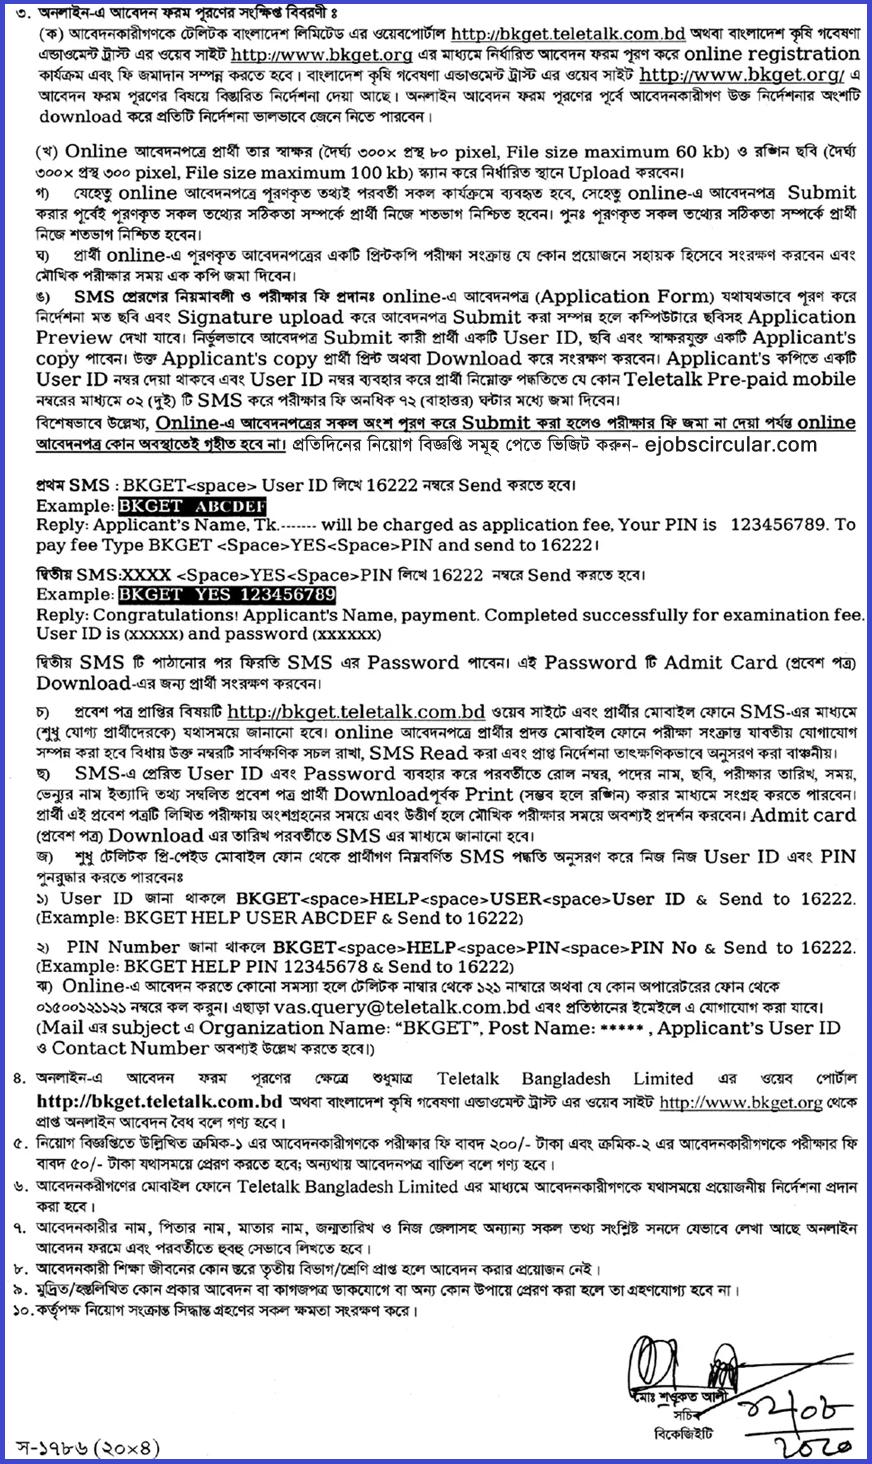 BKGET Teletalk 2020 - bkget.teletalk.com.bd